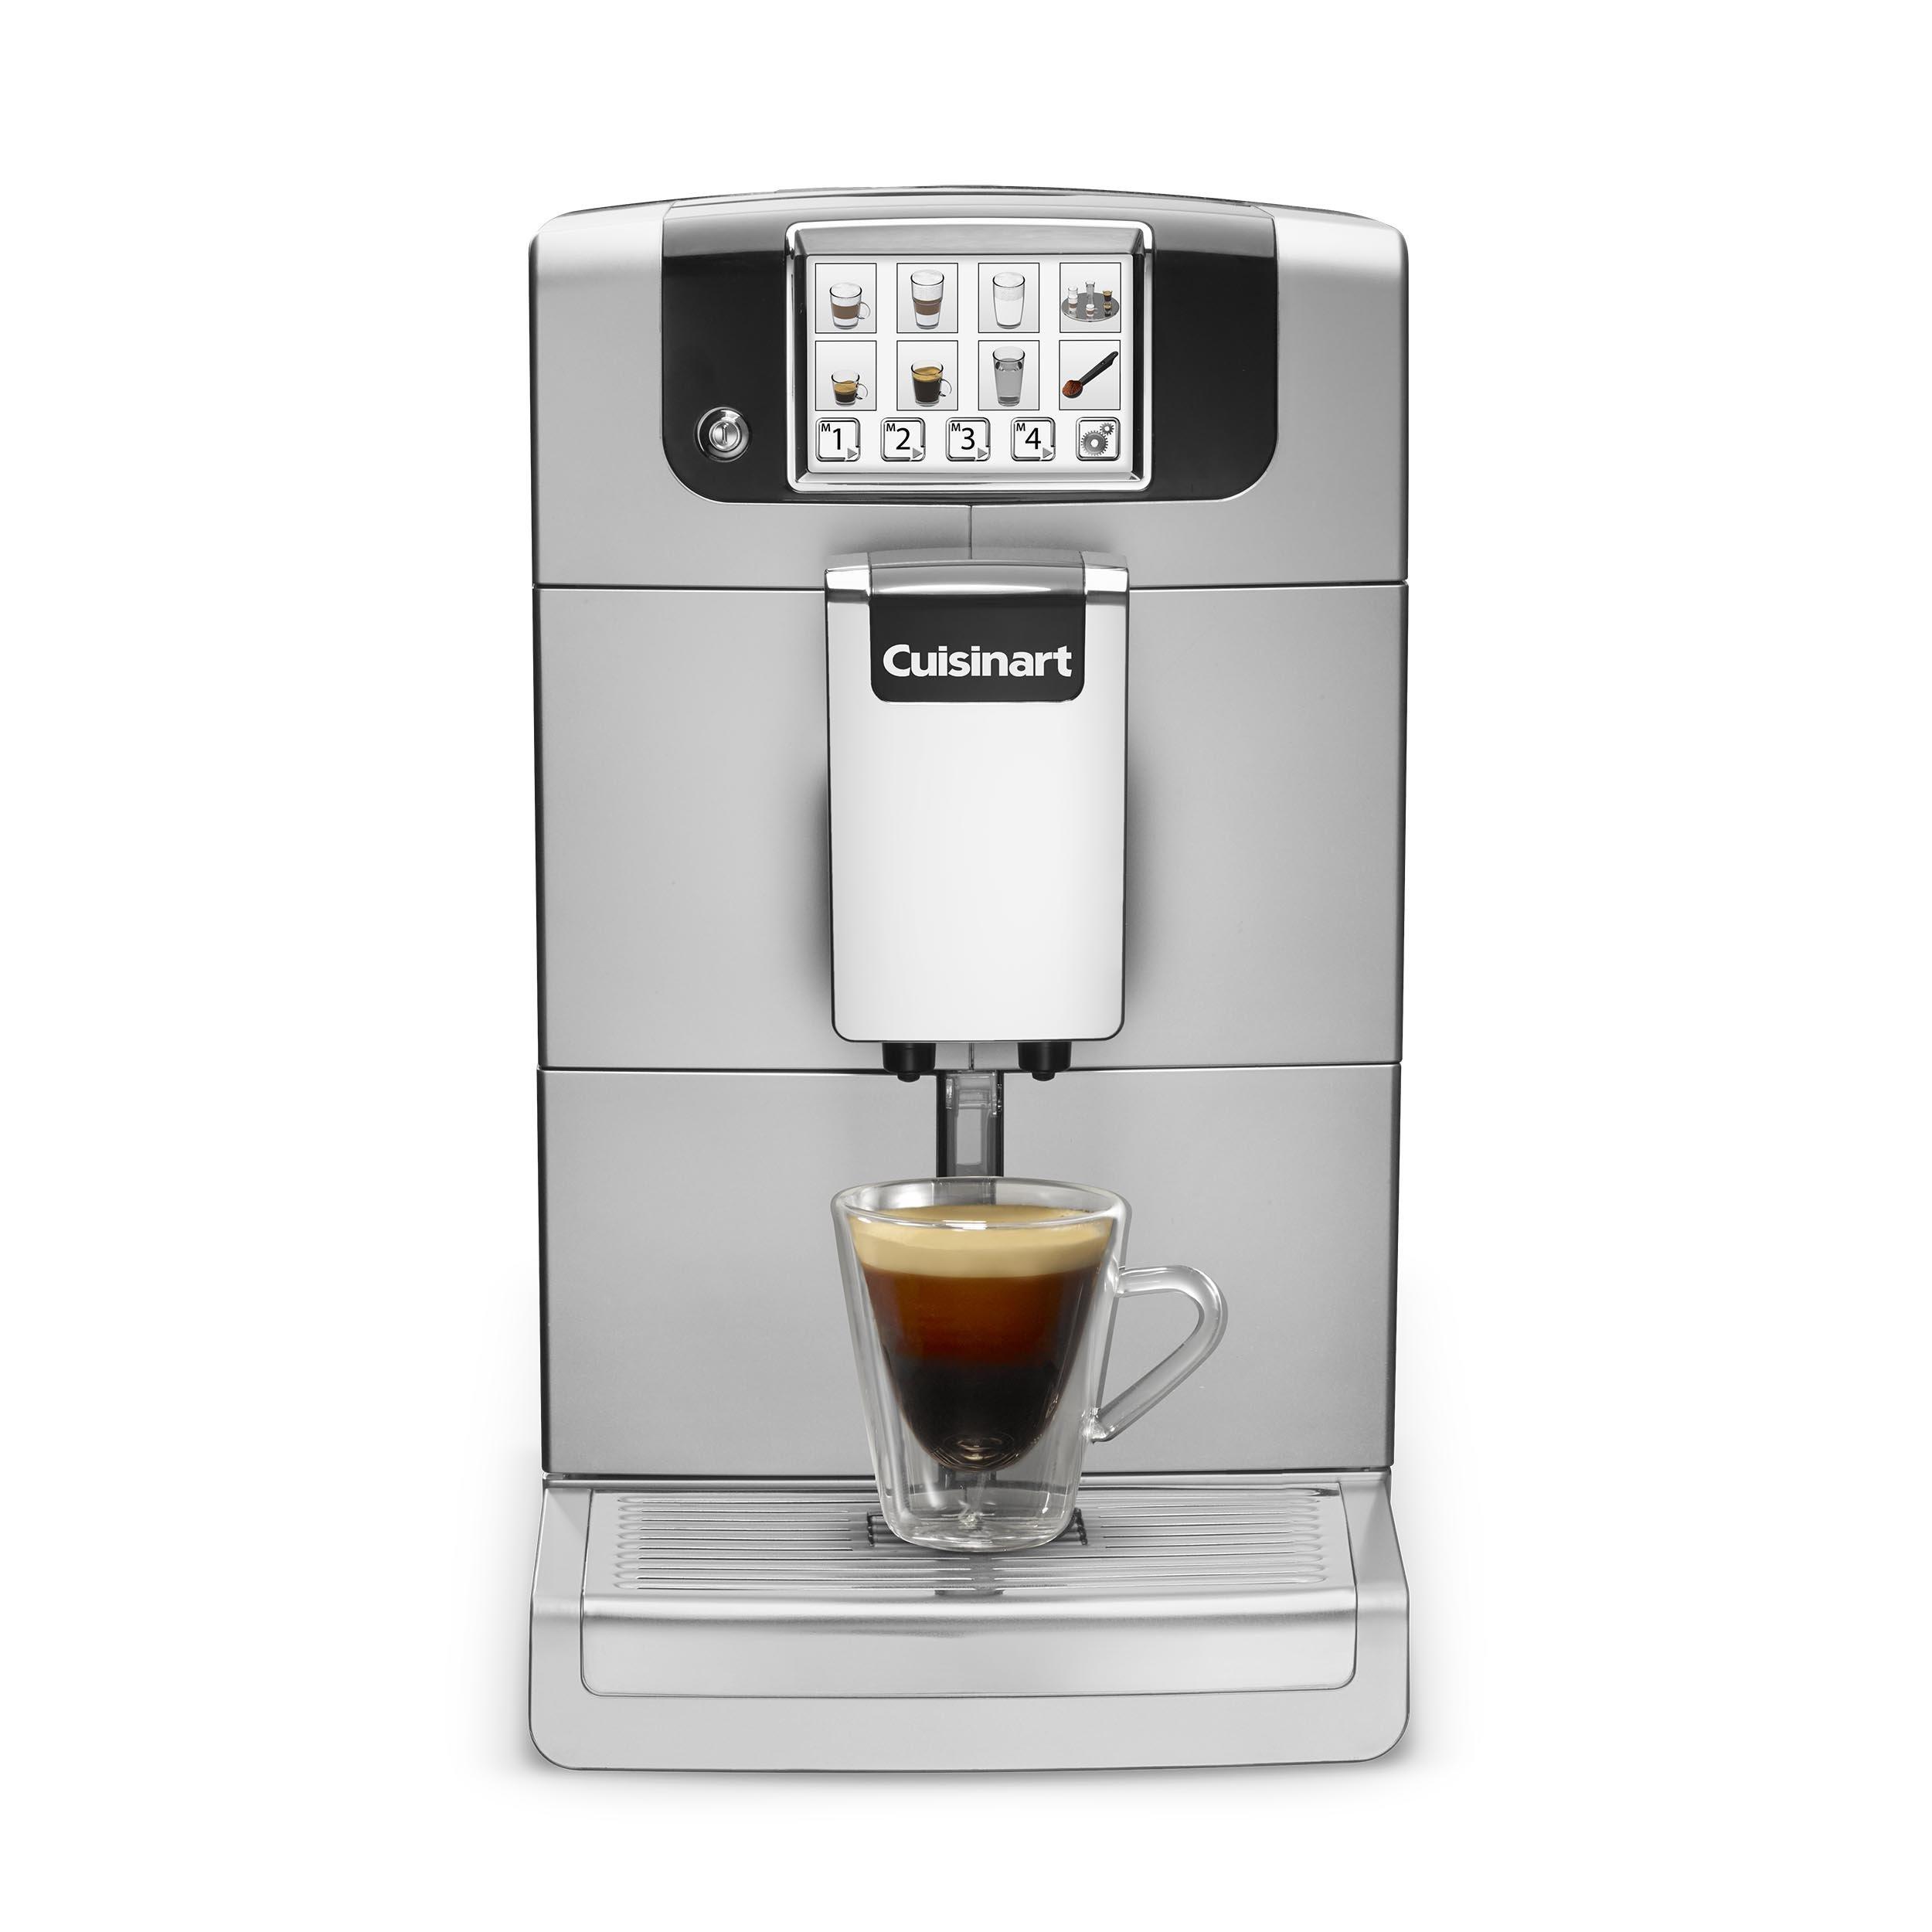 Cuisinart EM-1000 espresso Machine, Silver by Cuisinart